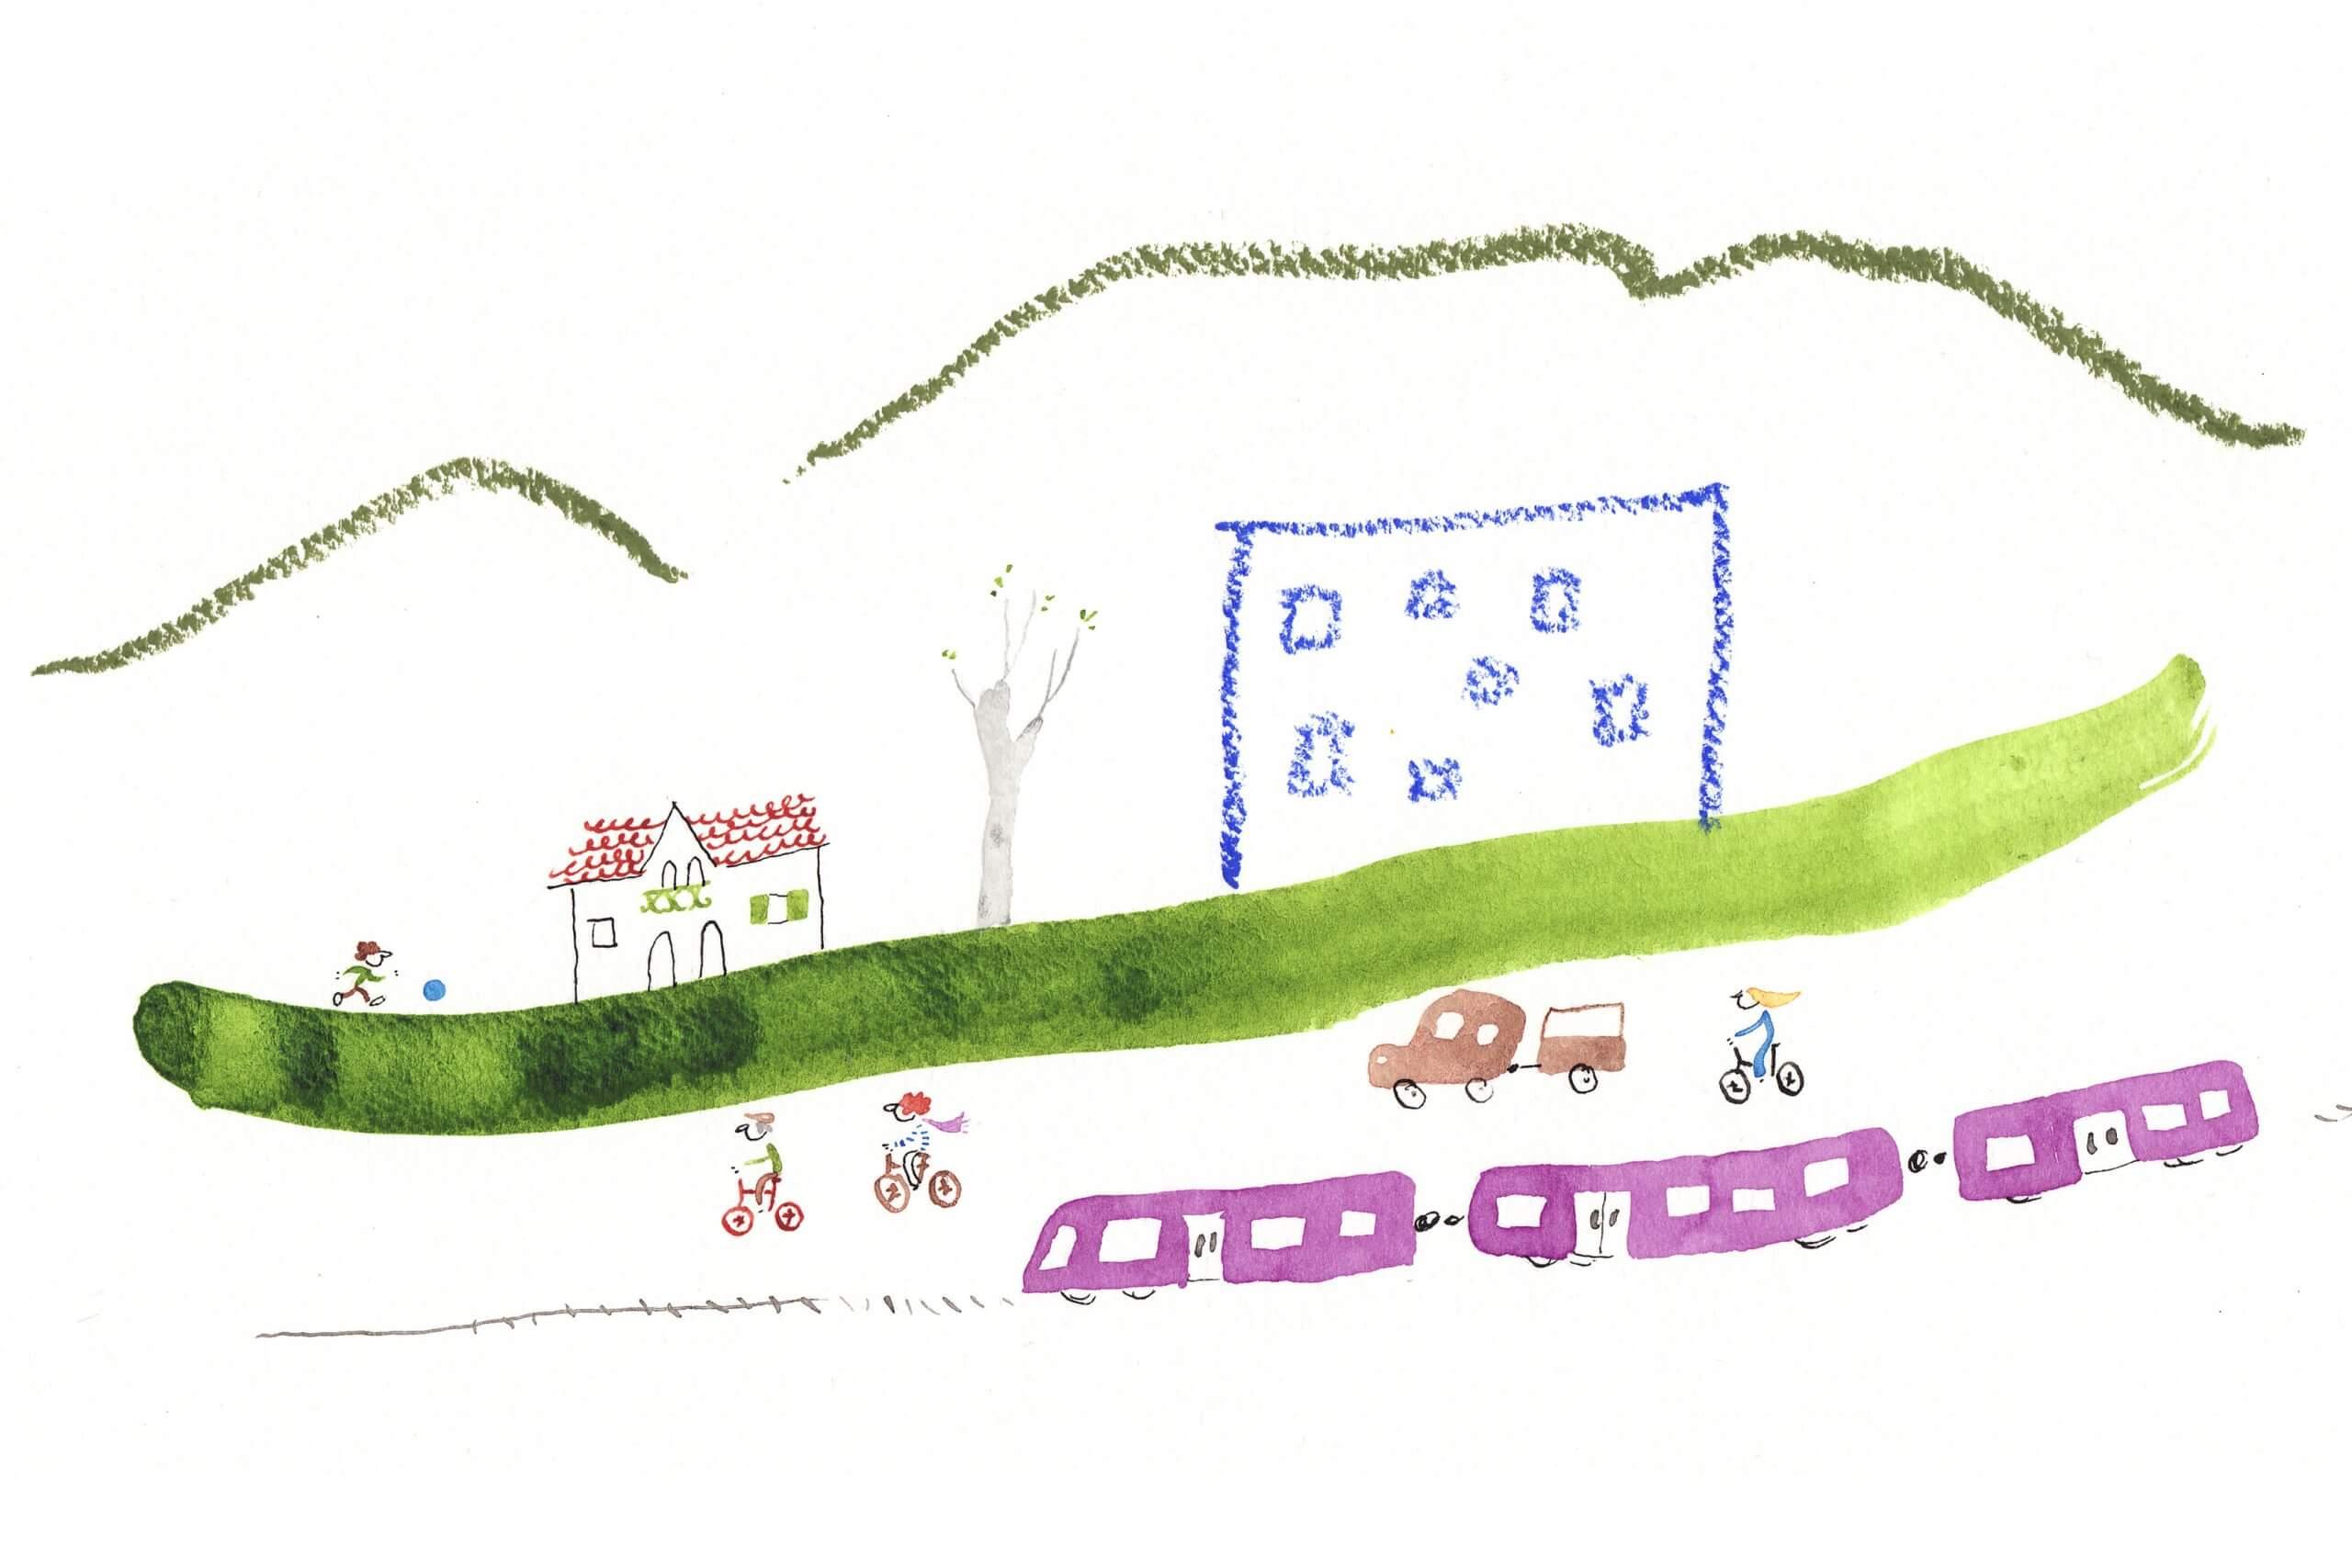 illustratie van het ontmoedingen van autogebruik en het stimuleren van lopen, fietsen en openbaar vervoer